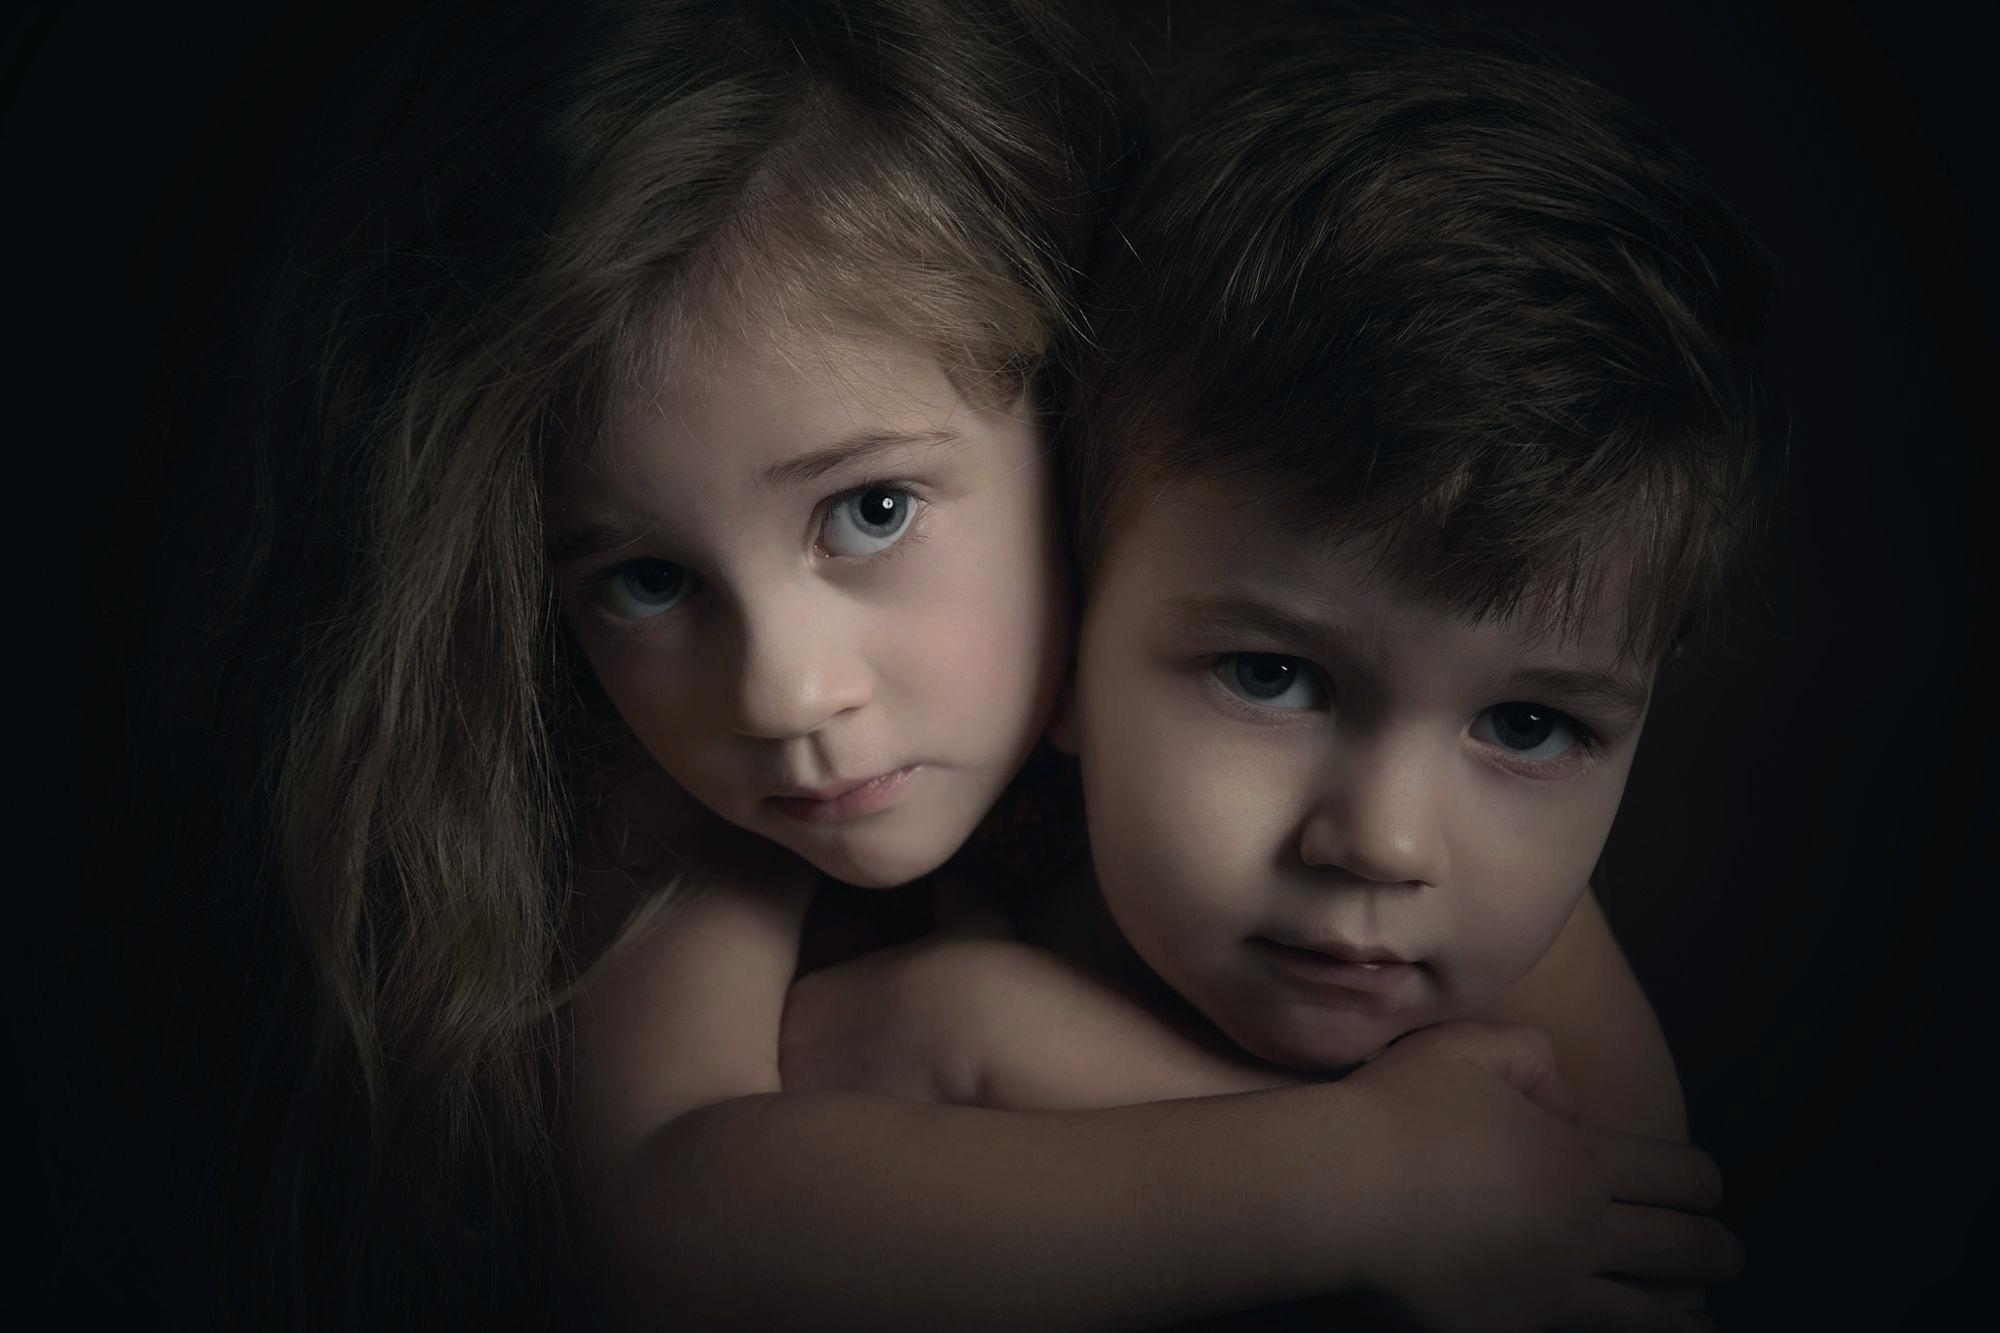 Смотрим порно секс брат с сестрой русском, Эротический фильм Вместе с сестрой онлайн HD 13 фотография